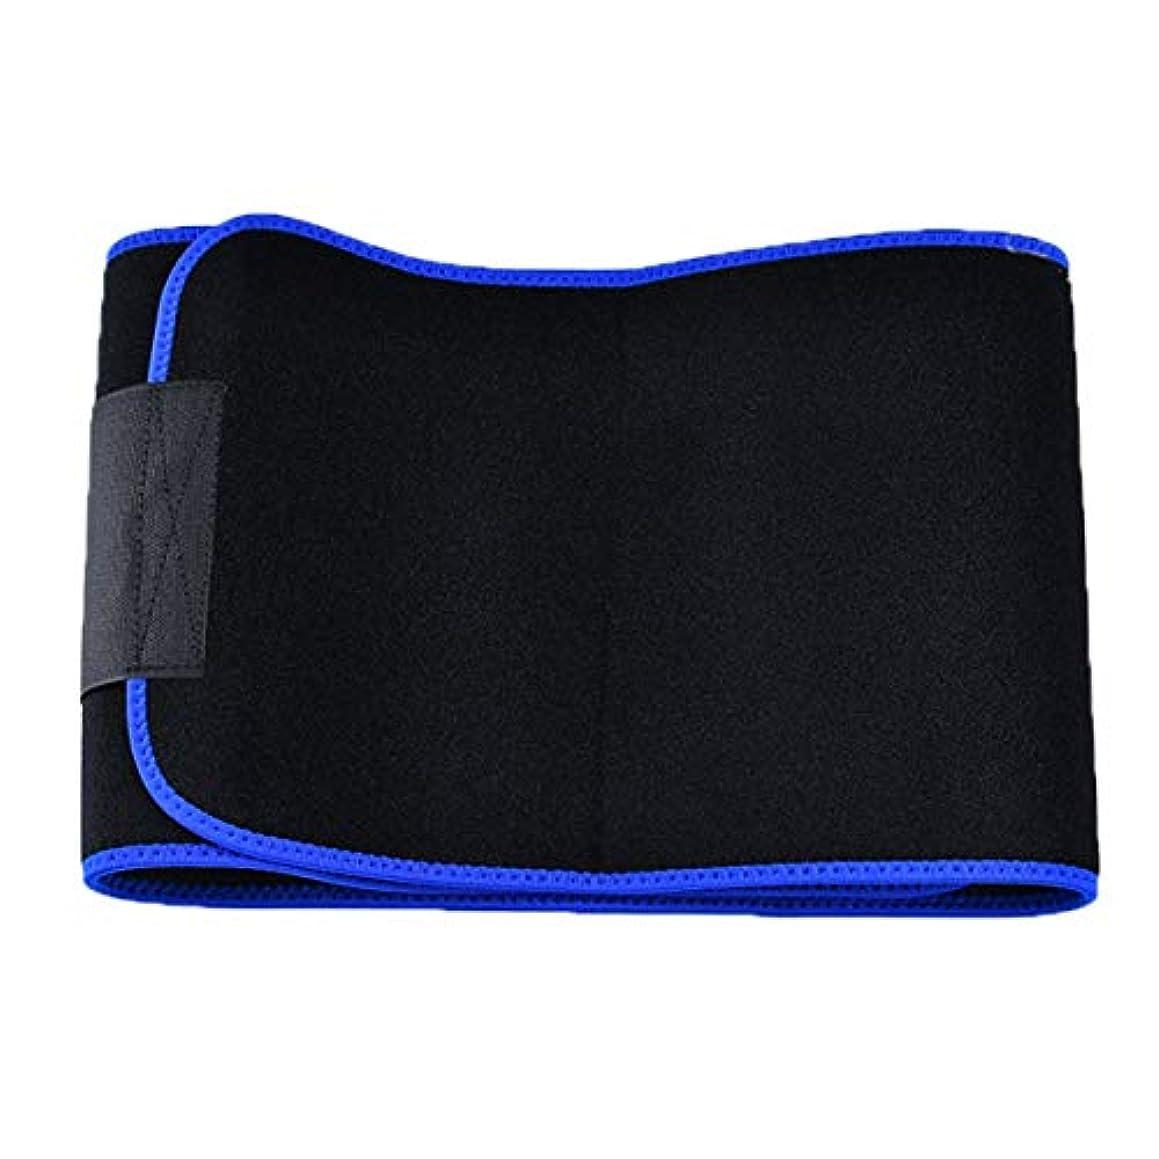 繁栄するディレイ心配する腹部プラスチックベルトウエストサポートボディシェイパートレーニングコルセット痩身ウエストベルトスリム汗スポーツ保護具